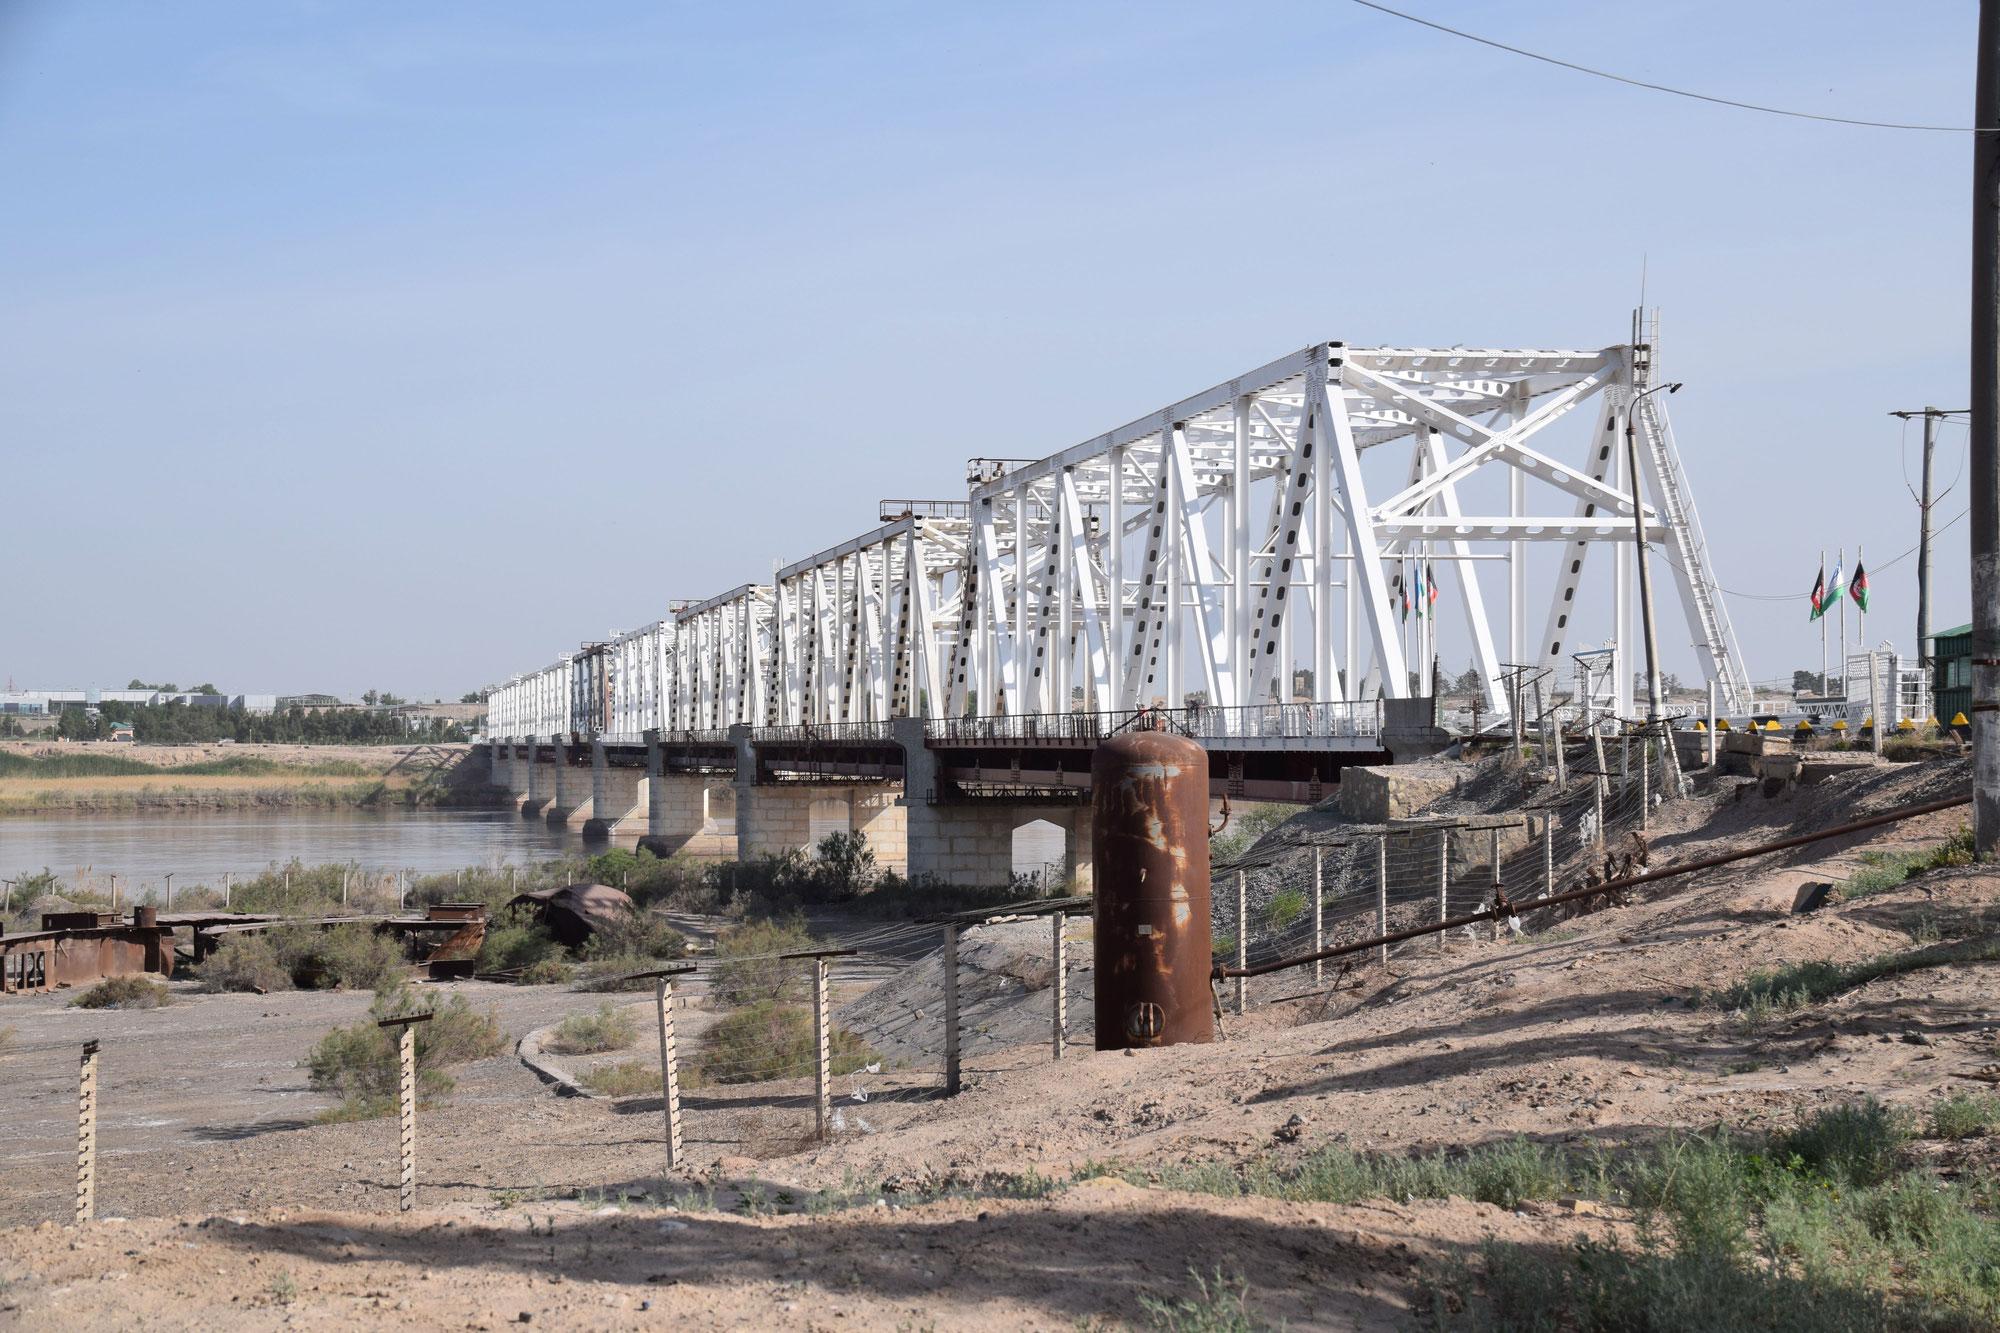 Liberalization of Border Regime Leads to Fragile Economic Boom at the Afghan-Uzbek Border